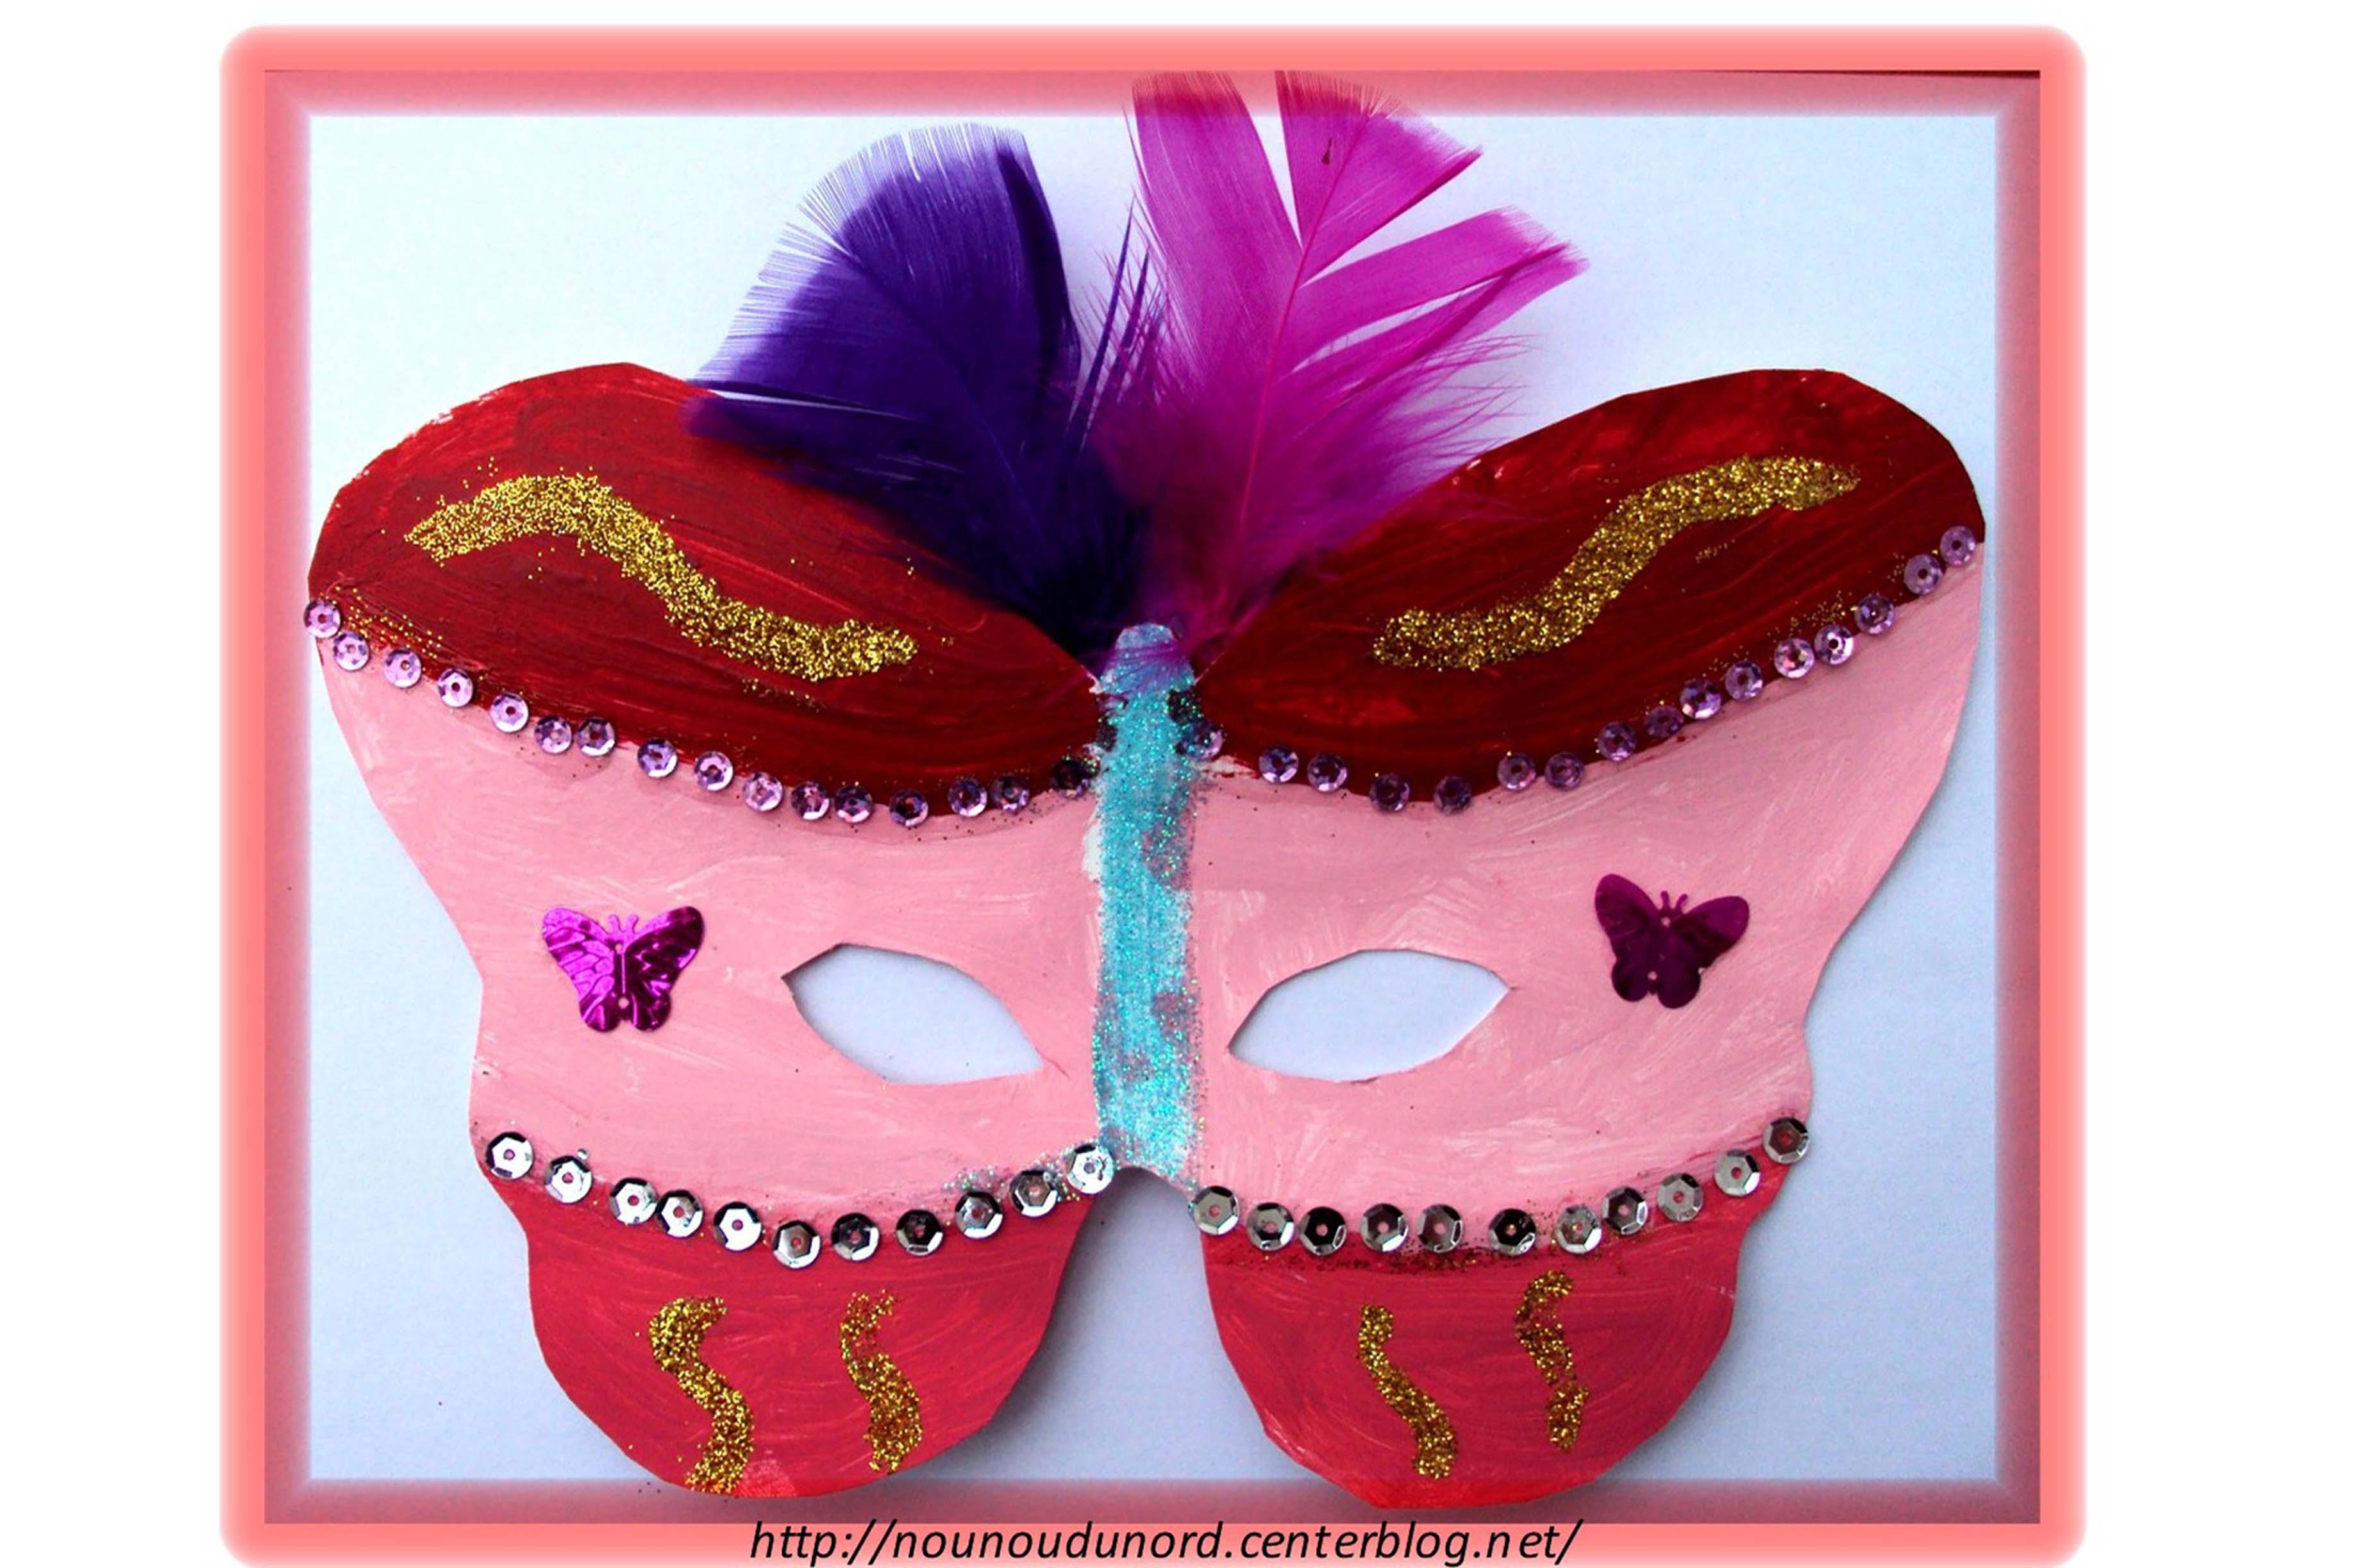 Masque papillon r alis par axelle 5ans1 2 mars 2011 - Masque papillon carnaval ...